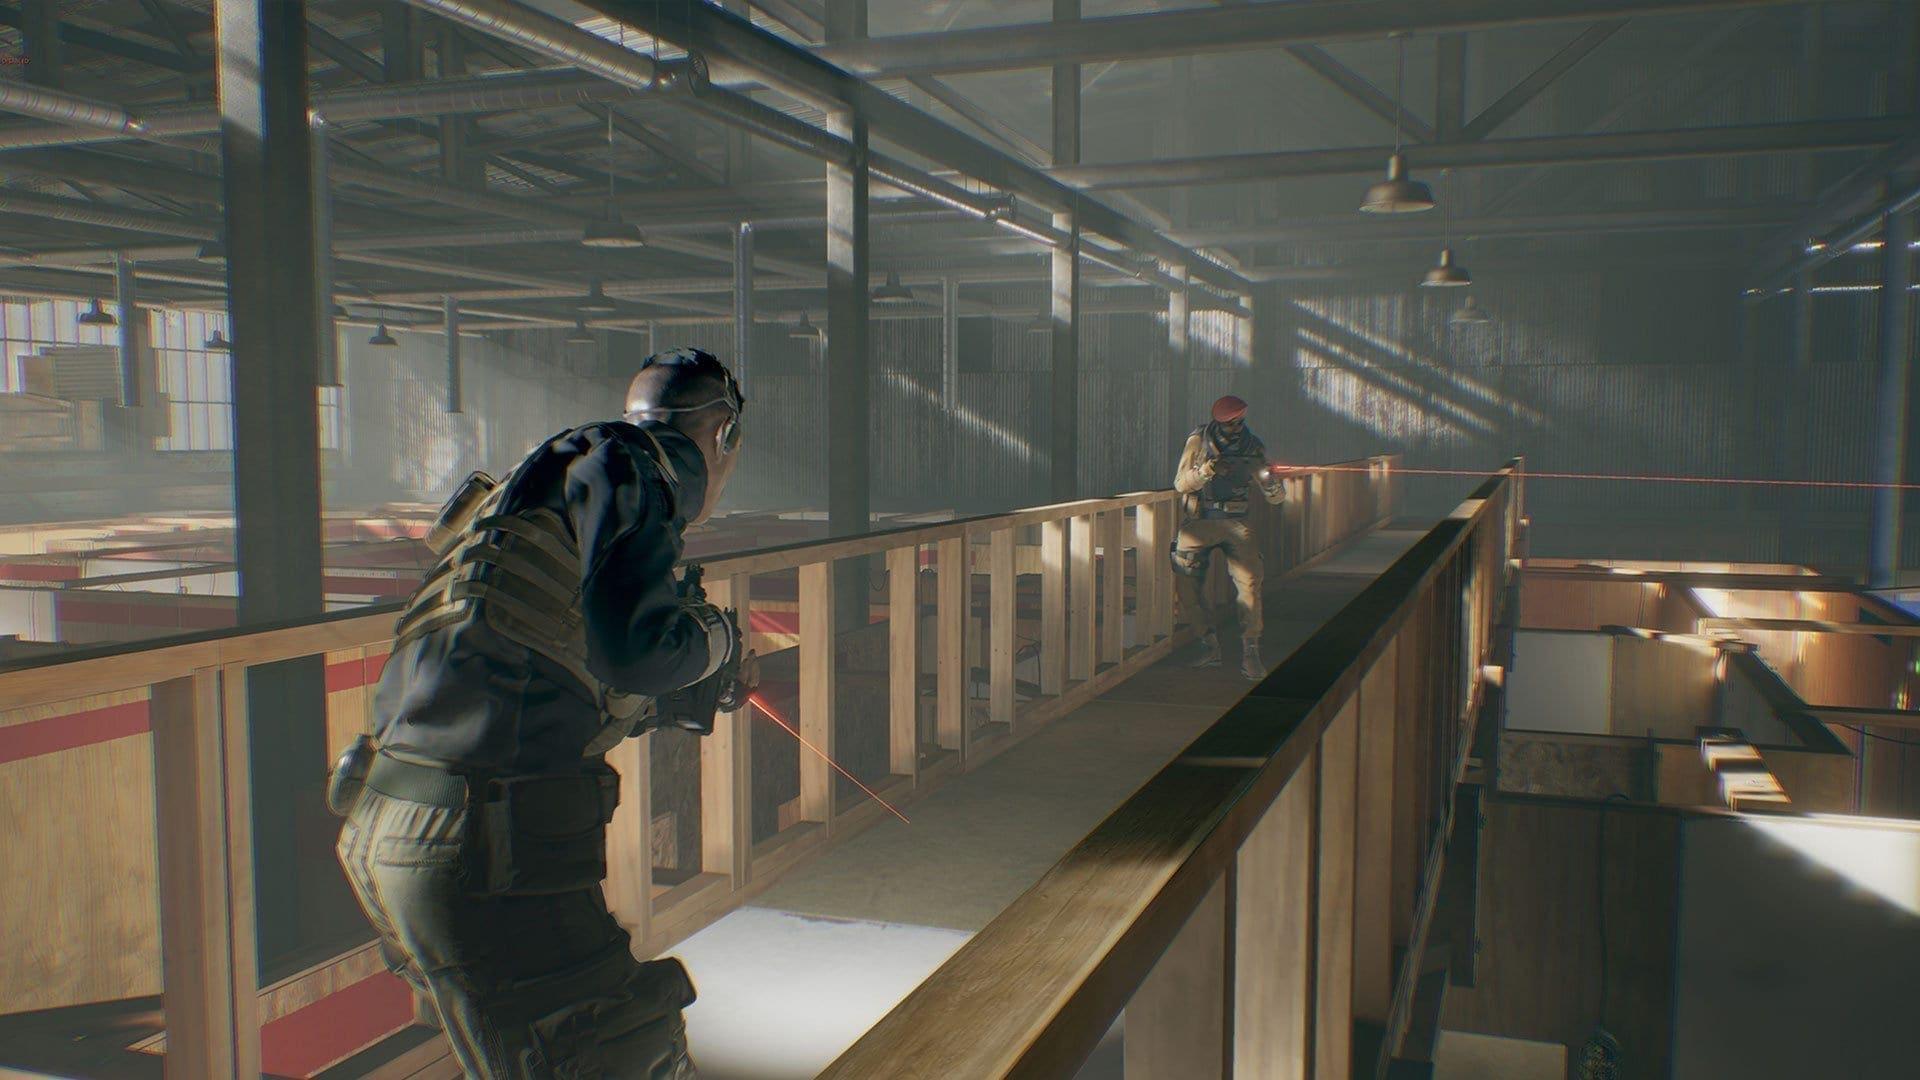 Hier wird in einer Lagerhalle nach Gegnern gejagt.